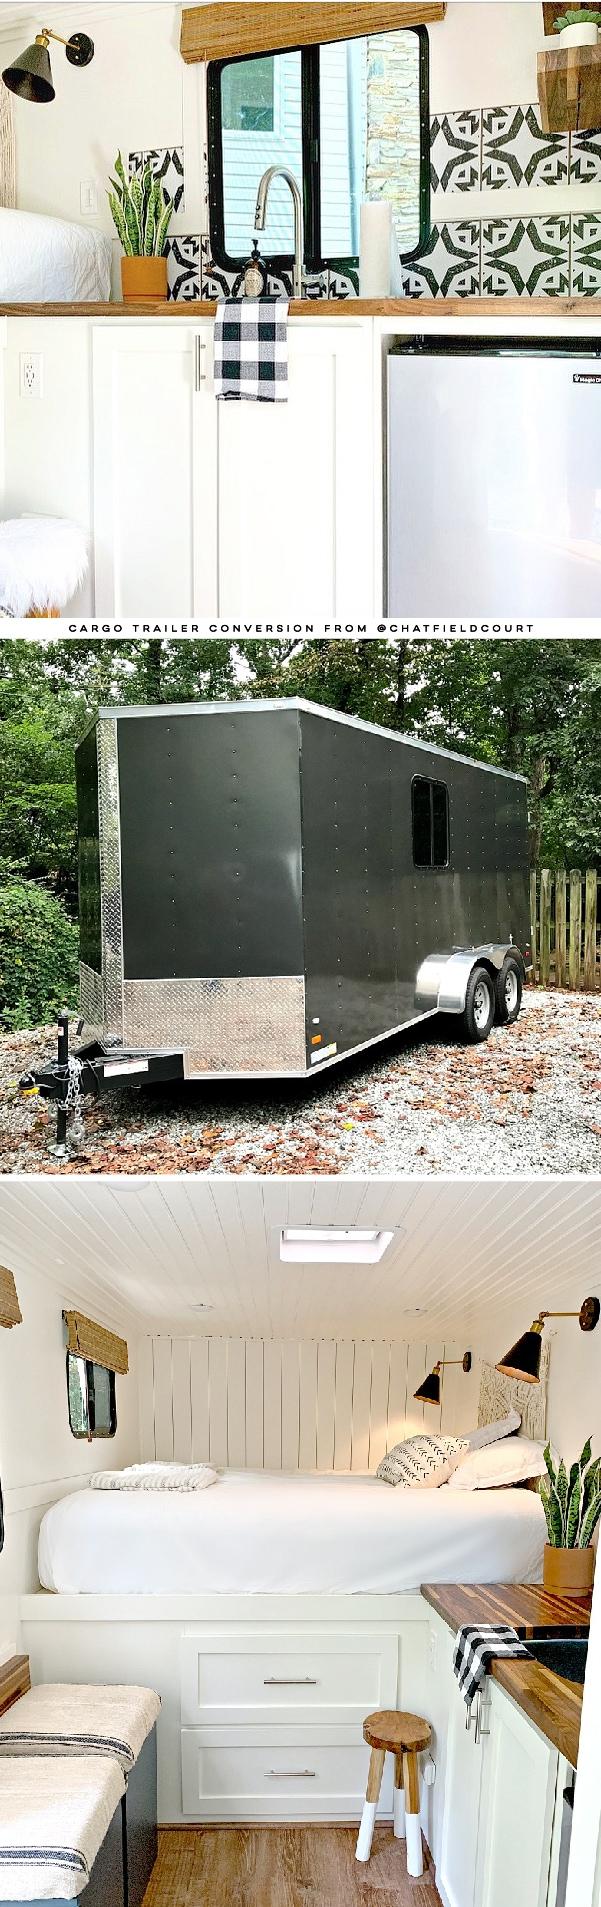 Cargo Trailer RV Conversion from @ChatfieldCourt